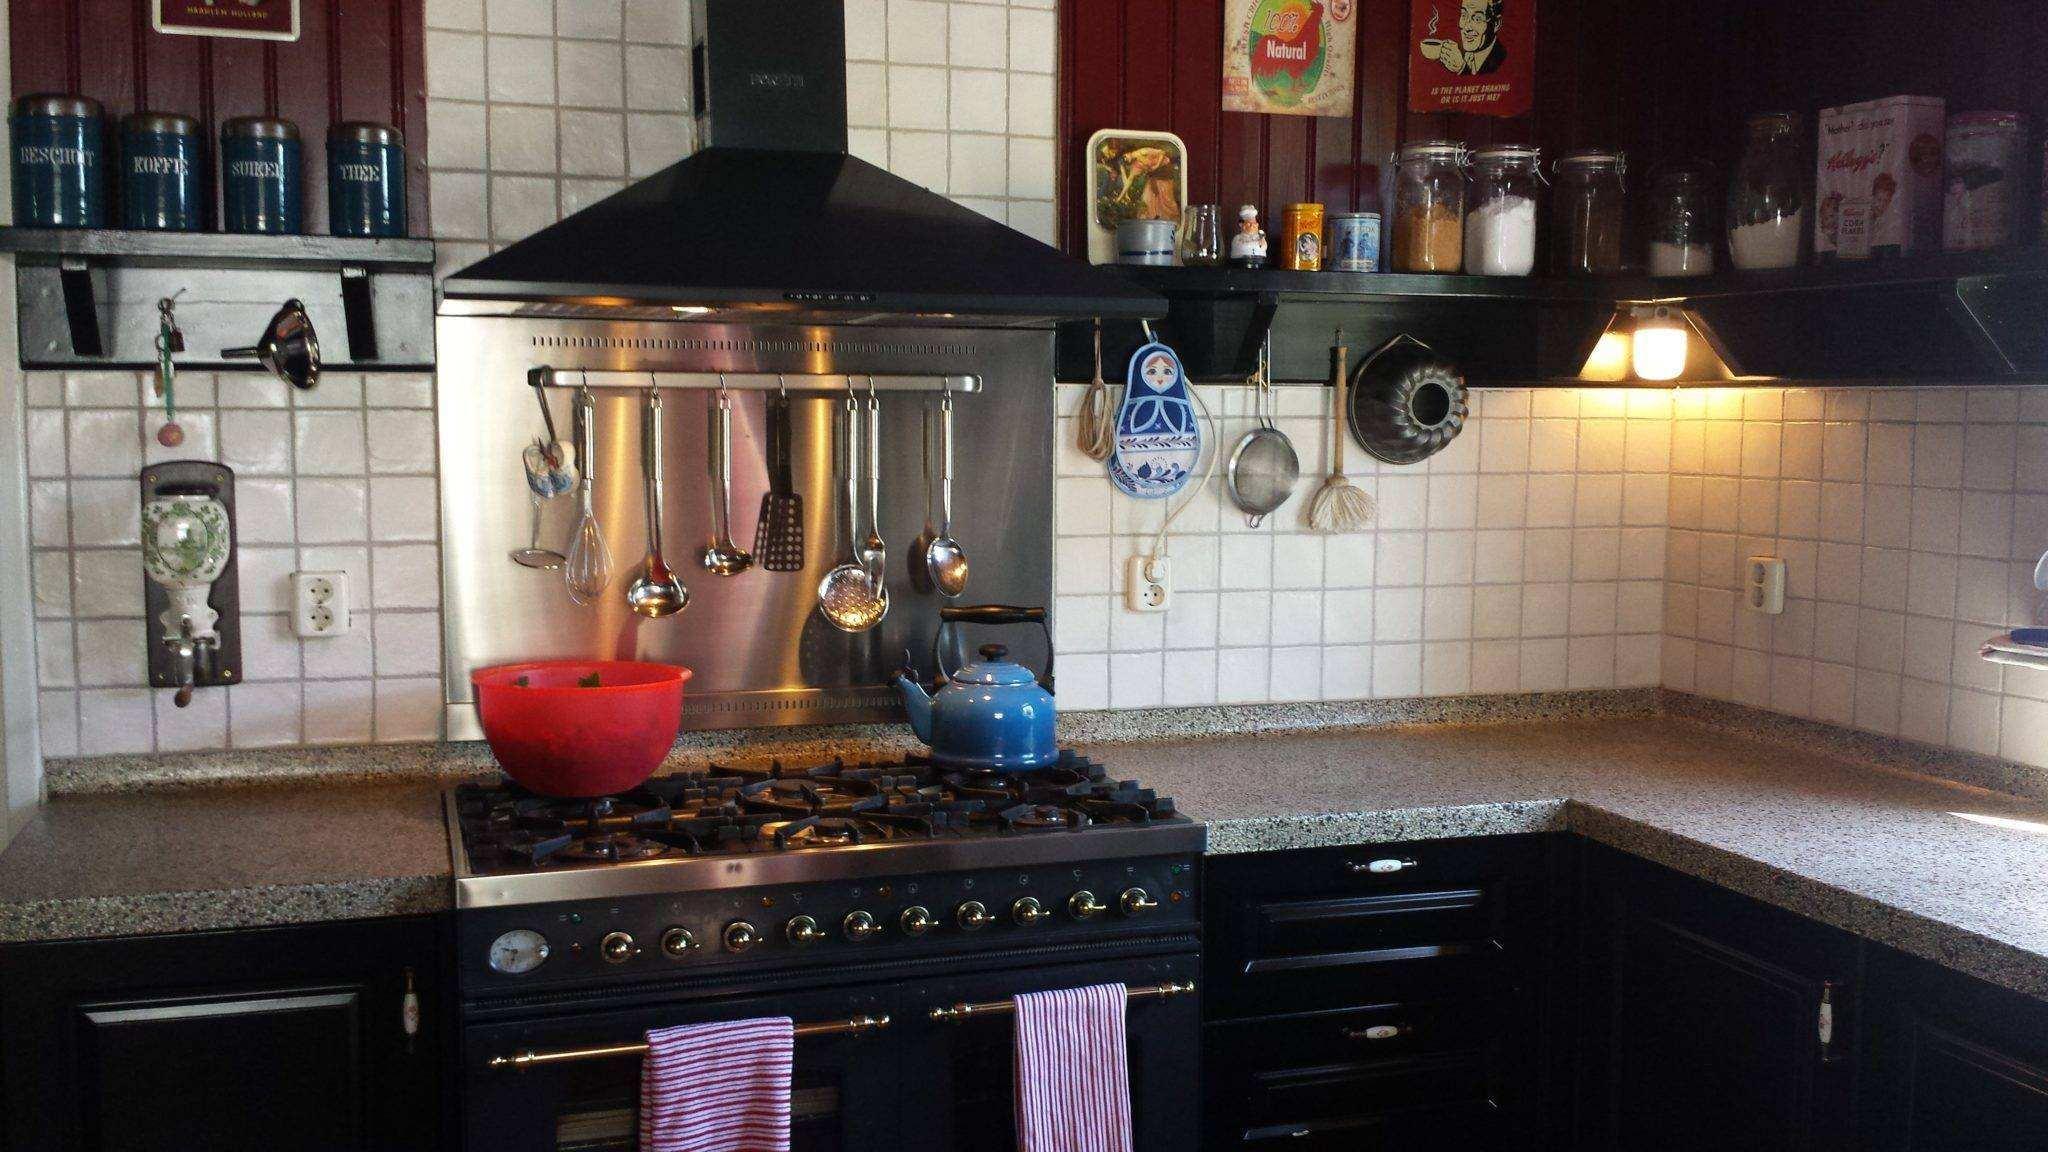 Marktplaats Keuken Compleet : Schoolreis strijk en keuken de grebbestee